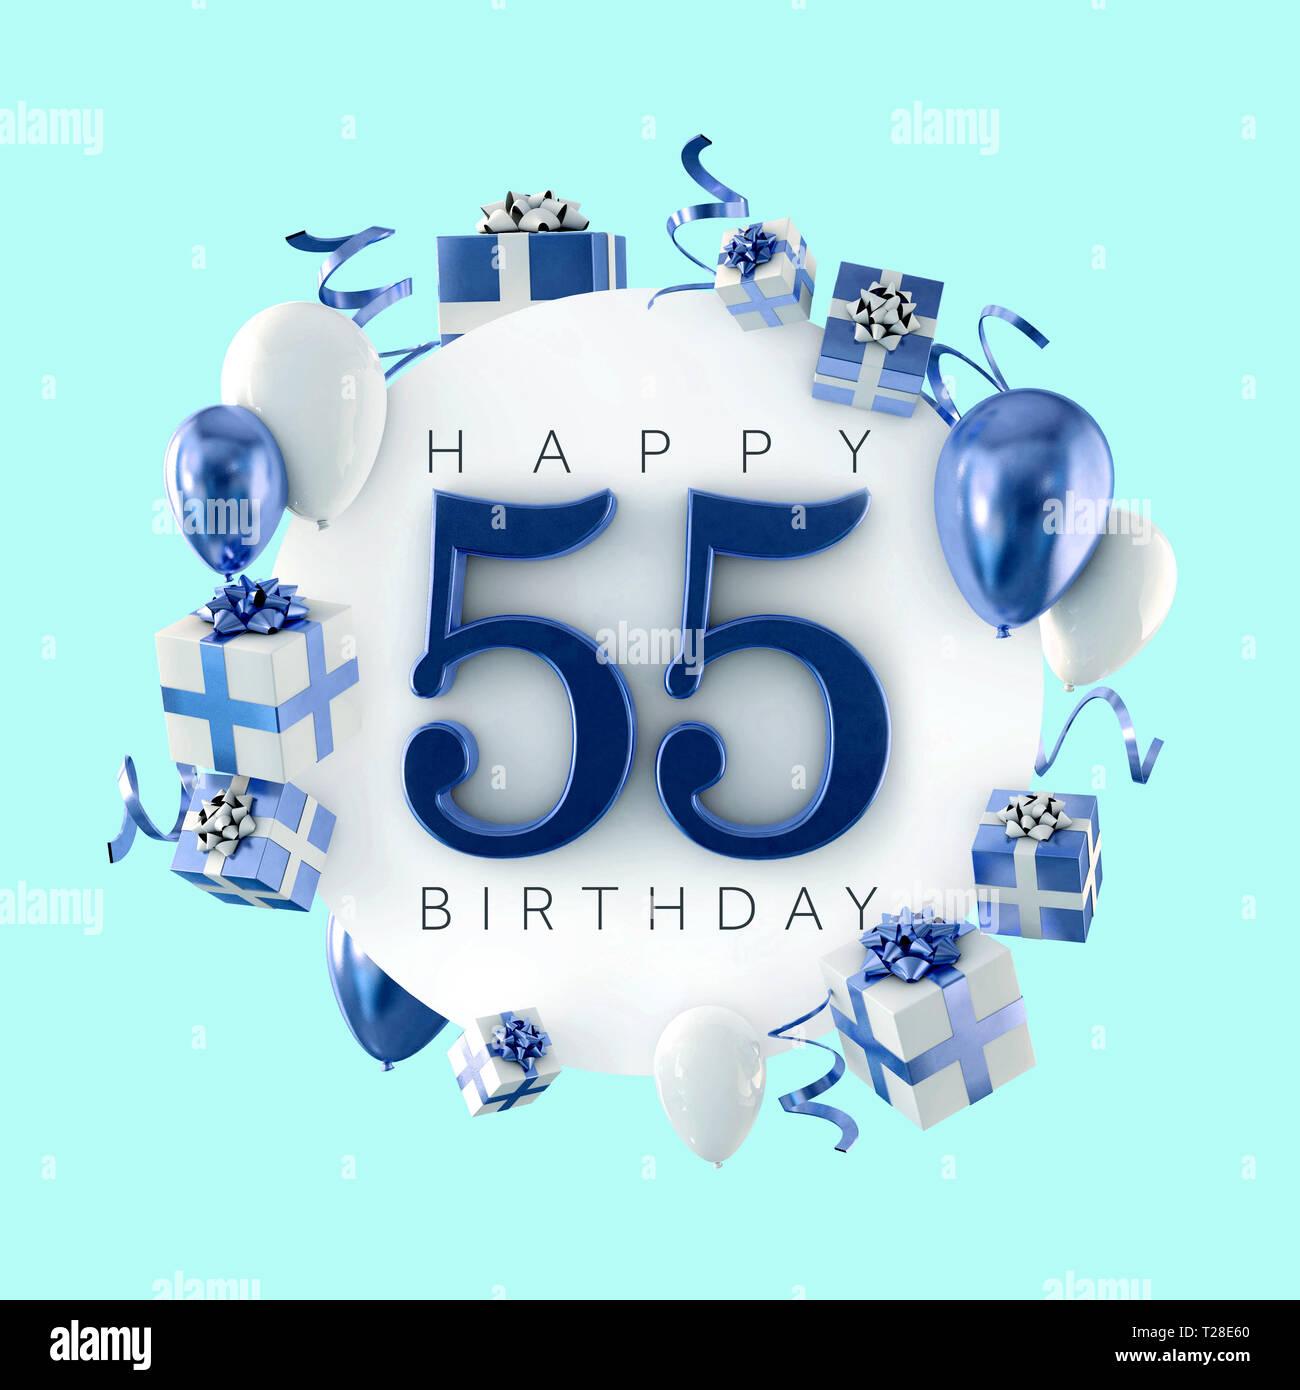 Happy 55th Birthday Party Zusammensetzung Mit Ballons Und Prasentiert 3D Rendering